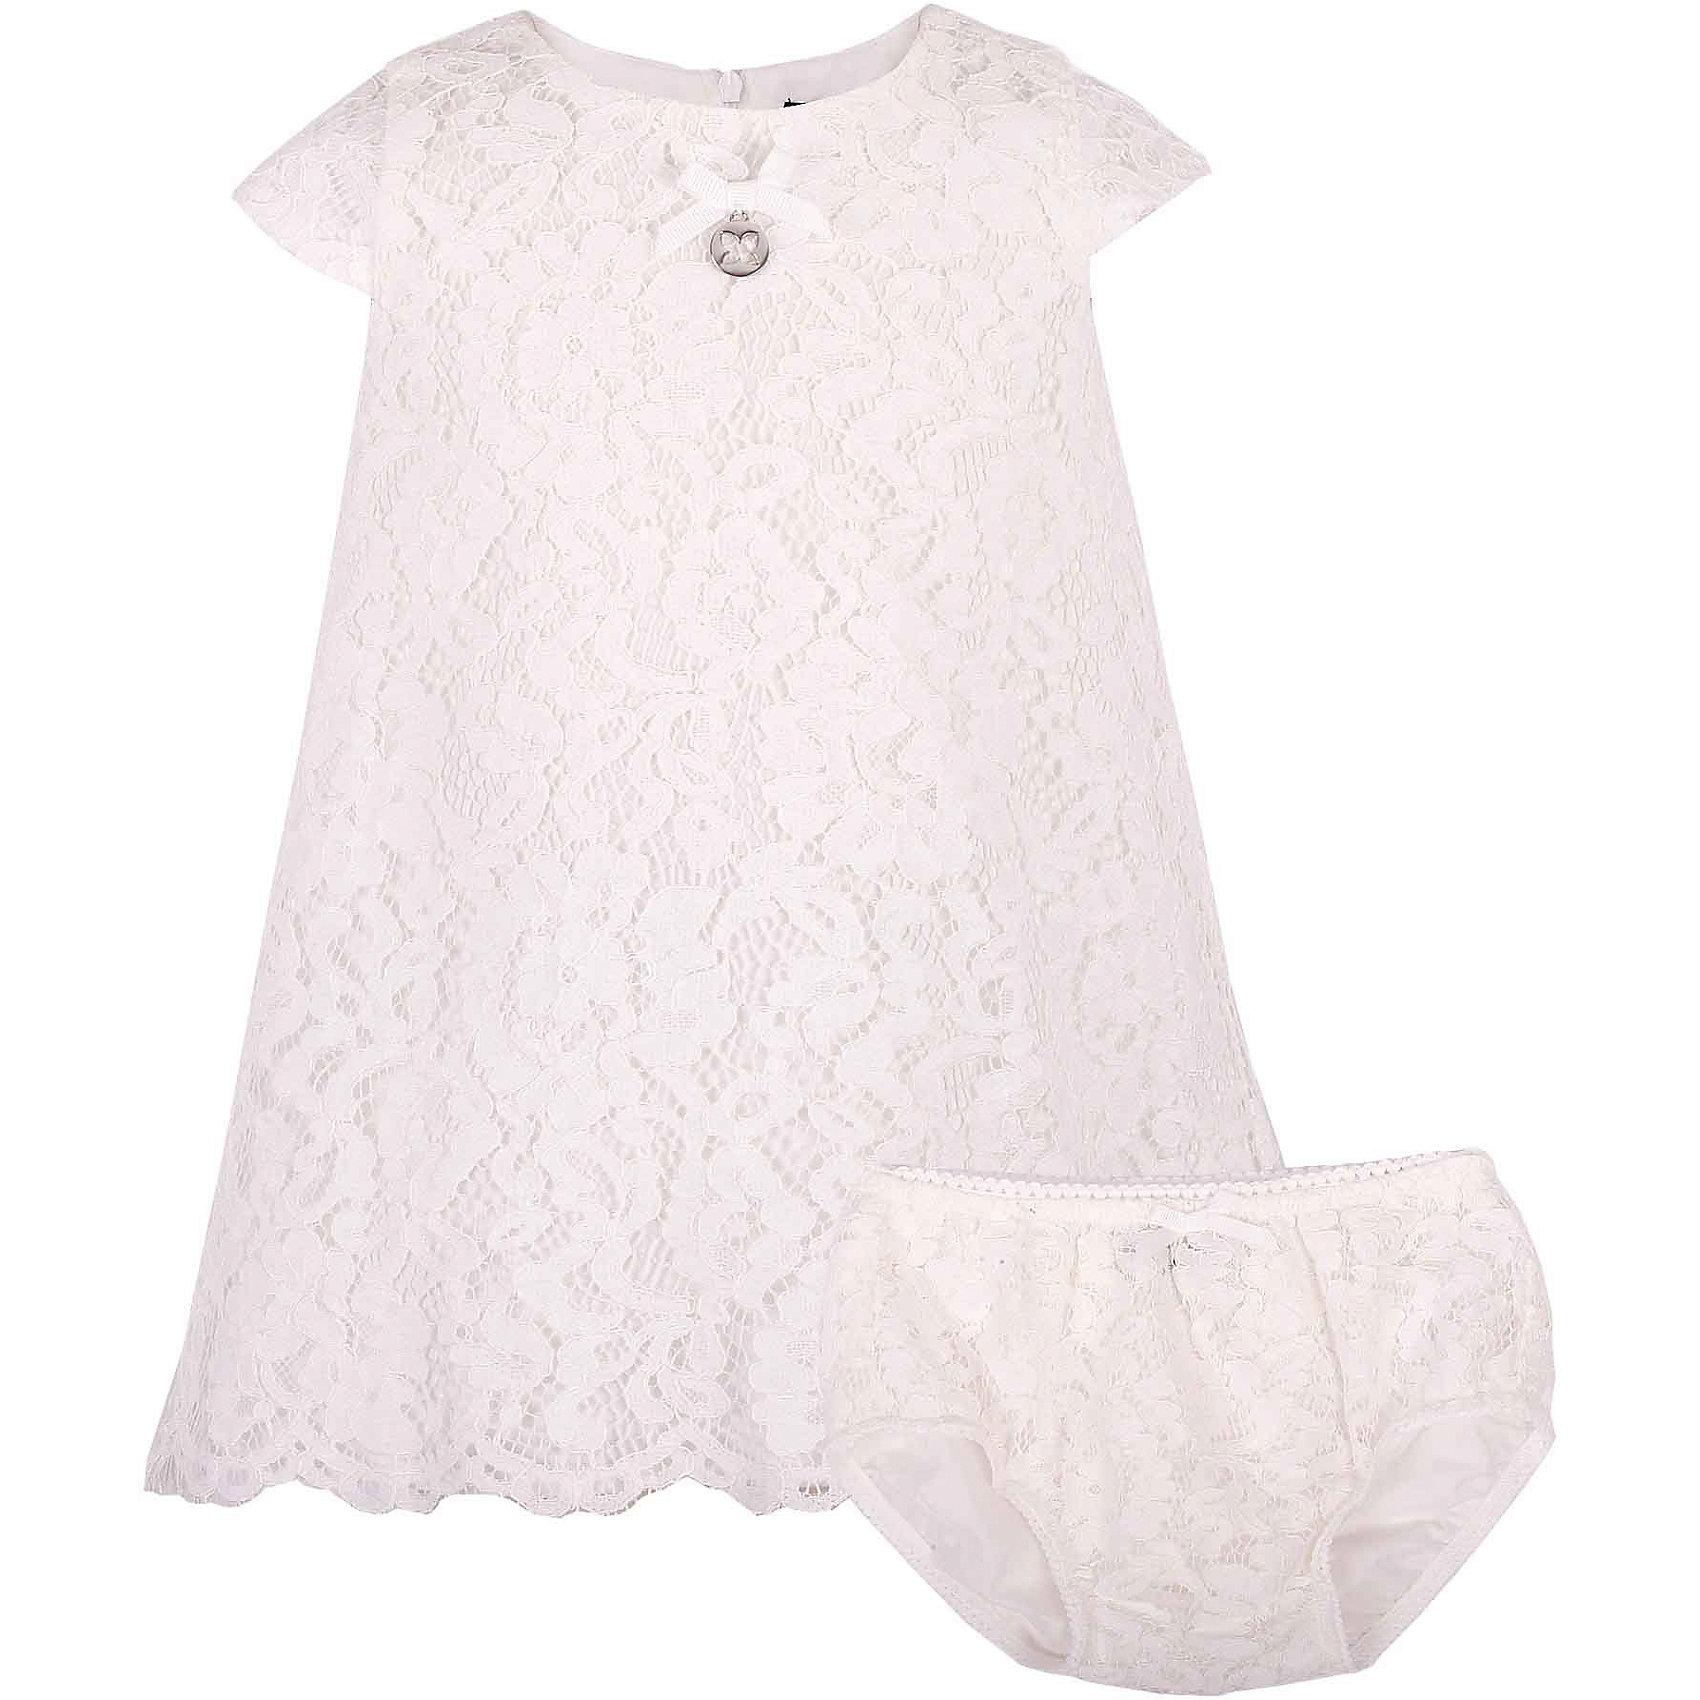 Комплект: платье и шорты для девочки GulliverКомплекты<br>В сезоне Весна/Лето 2017 кружево не только не сдает своих позиций, а, напротив, набирает обороты. Белое кружевное платье из коллекции Акварель - олицетворение благородства и чистоты. Это платье отлично впишется в летний гардероб малышки, не нарушив ее комфорта.  Если вы предпочитаете иметь в гардеробе девочки хотя бы одну стильную нарядную вещь, вам стоит купить платье из коллекции Акварель и вашему ребенку гарантирован образ юной принцессы с хорошим вкусом и благородными манерами. Завершат образ малышки очаровательные кружевные трусы, скрывающие подгузник.<br>Состав:<br> 100% хлопок/ 100% полиэстер<br><br>Ширина мм: 191<br>Глубина мм: 10<br>Высота мм: 175<br>Вес г: 273<br>Цвет: белый<br>Возраст от месяцев: 12<br>Возраст до месяцев: 18<br>Пол: Женский<br>Возраст: Детский<br>Размер: 86,80,80<br>SKU: 5483365